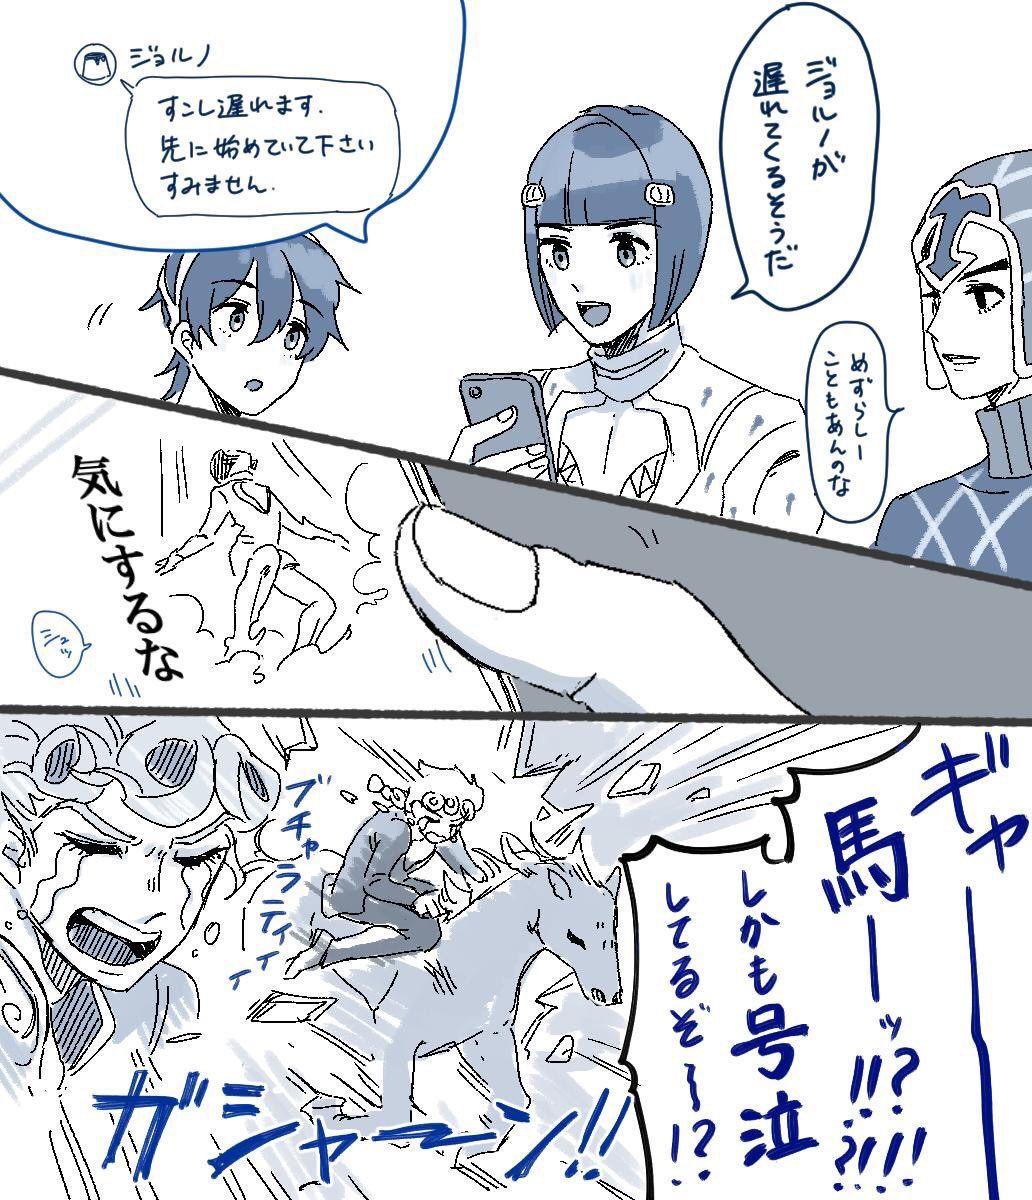 ささめ屋 12kanoha さんの漫画 38作目 ツイコミ 仮 落書きイラスト アニメスケッチ ジョジョ 面白い